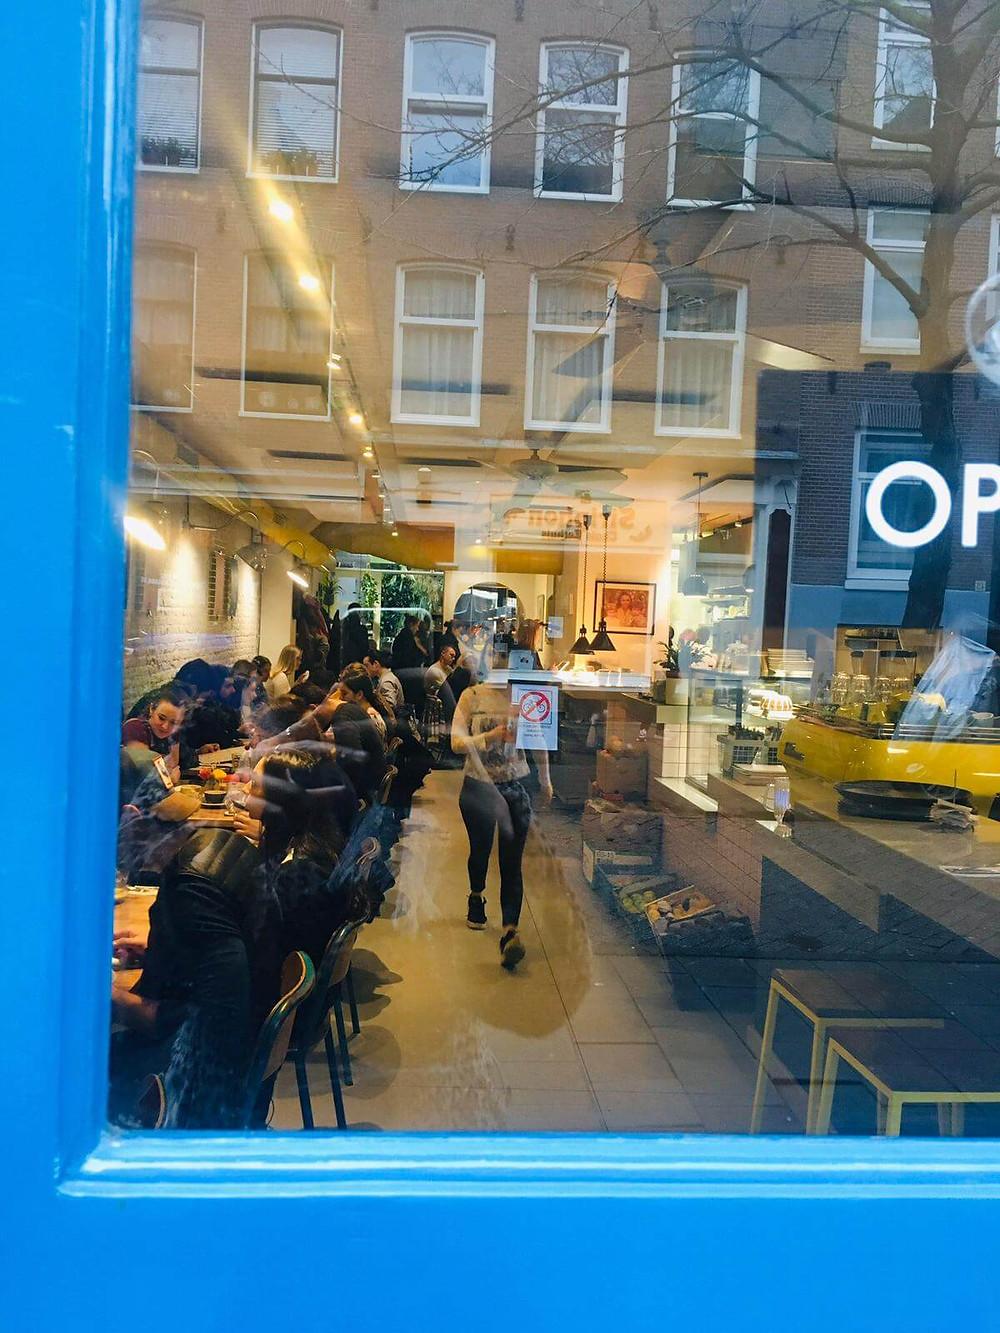 מעדנייה נודדת- קייטרינג אורבני \ אמסטרדם: 7 המלצות ששווה להכיר ולטעום